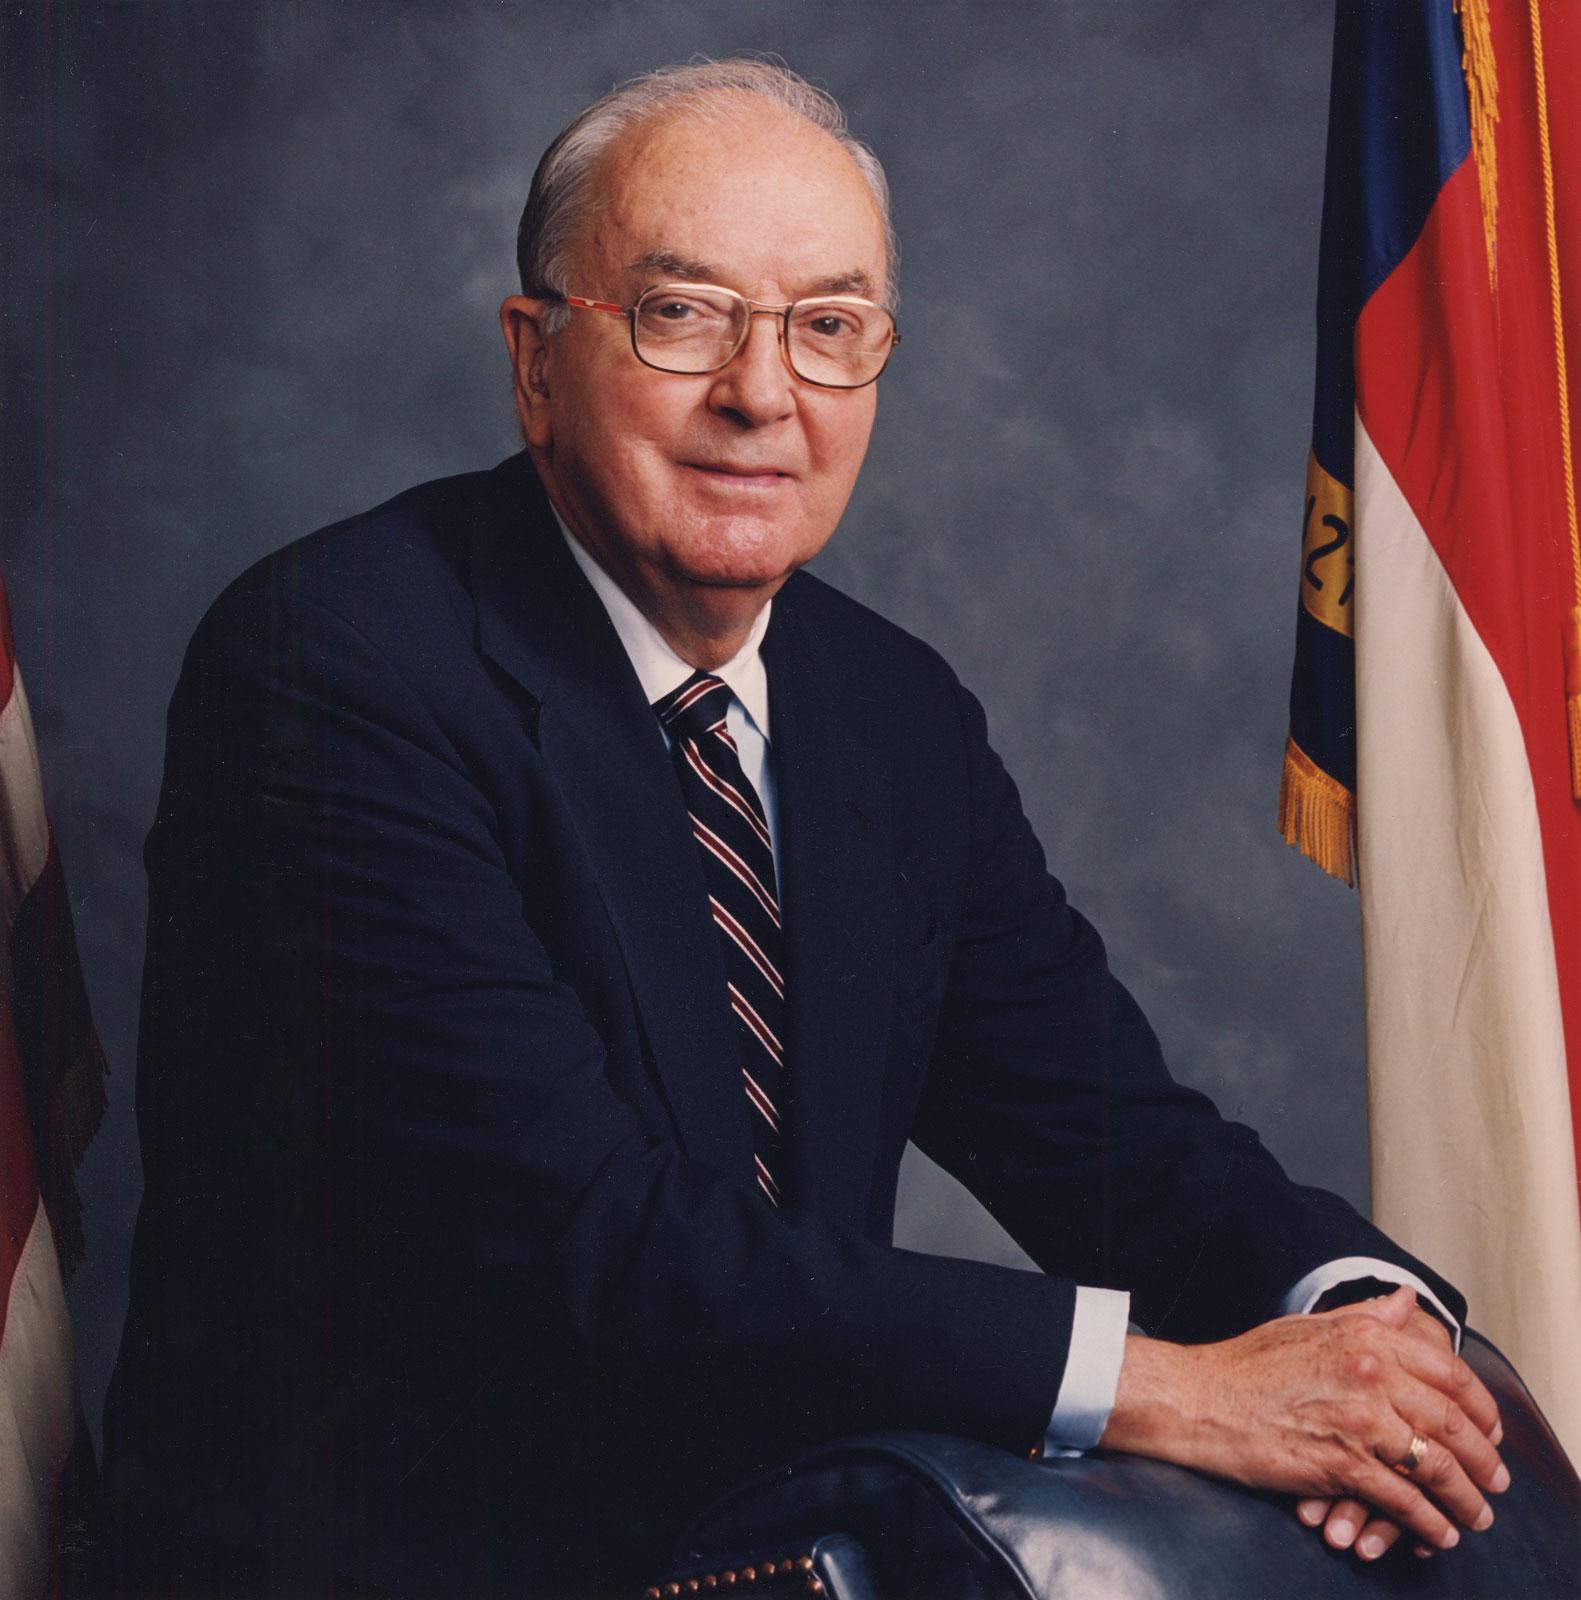 Jesse Helms, former NC Senator